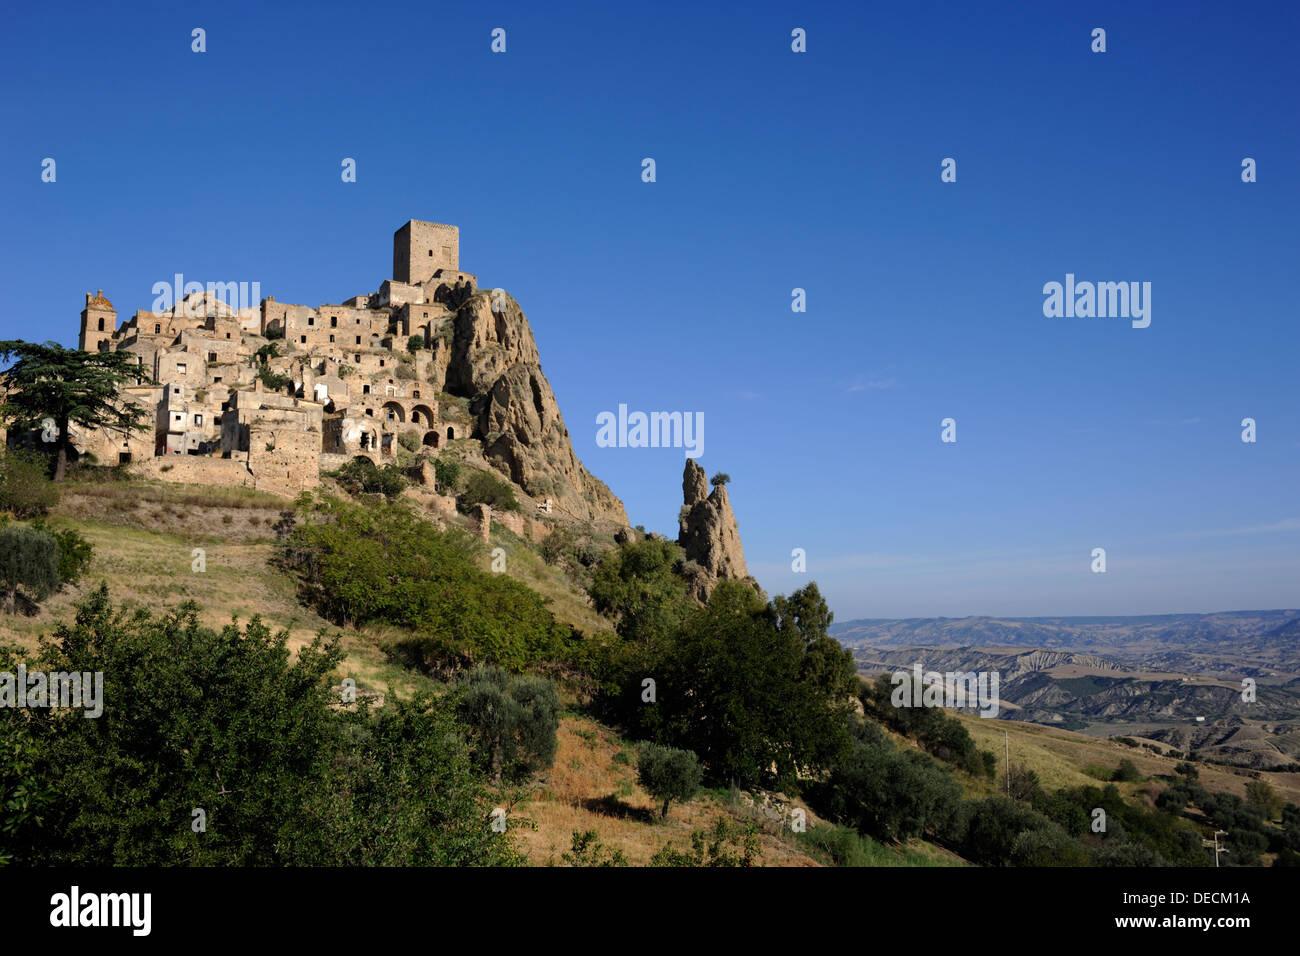 italy, basilicata, craco abandoned village - Stock Image